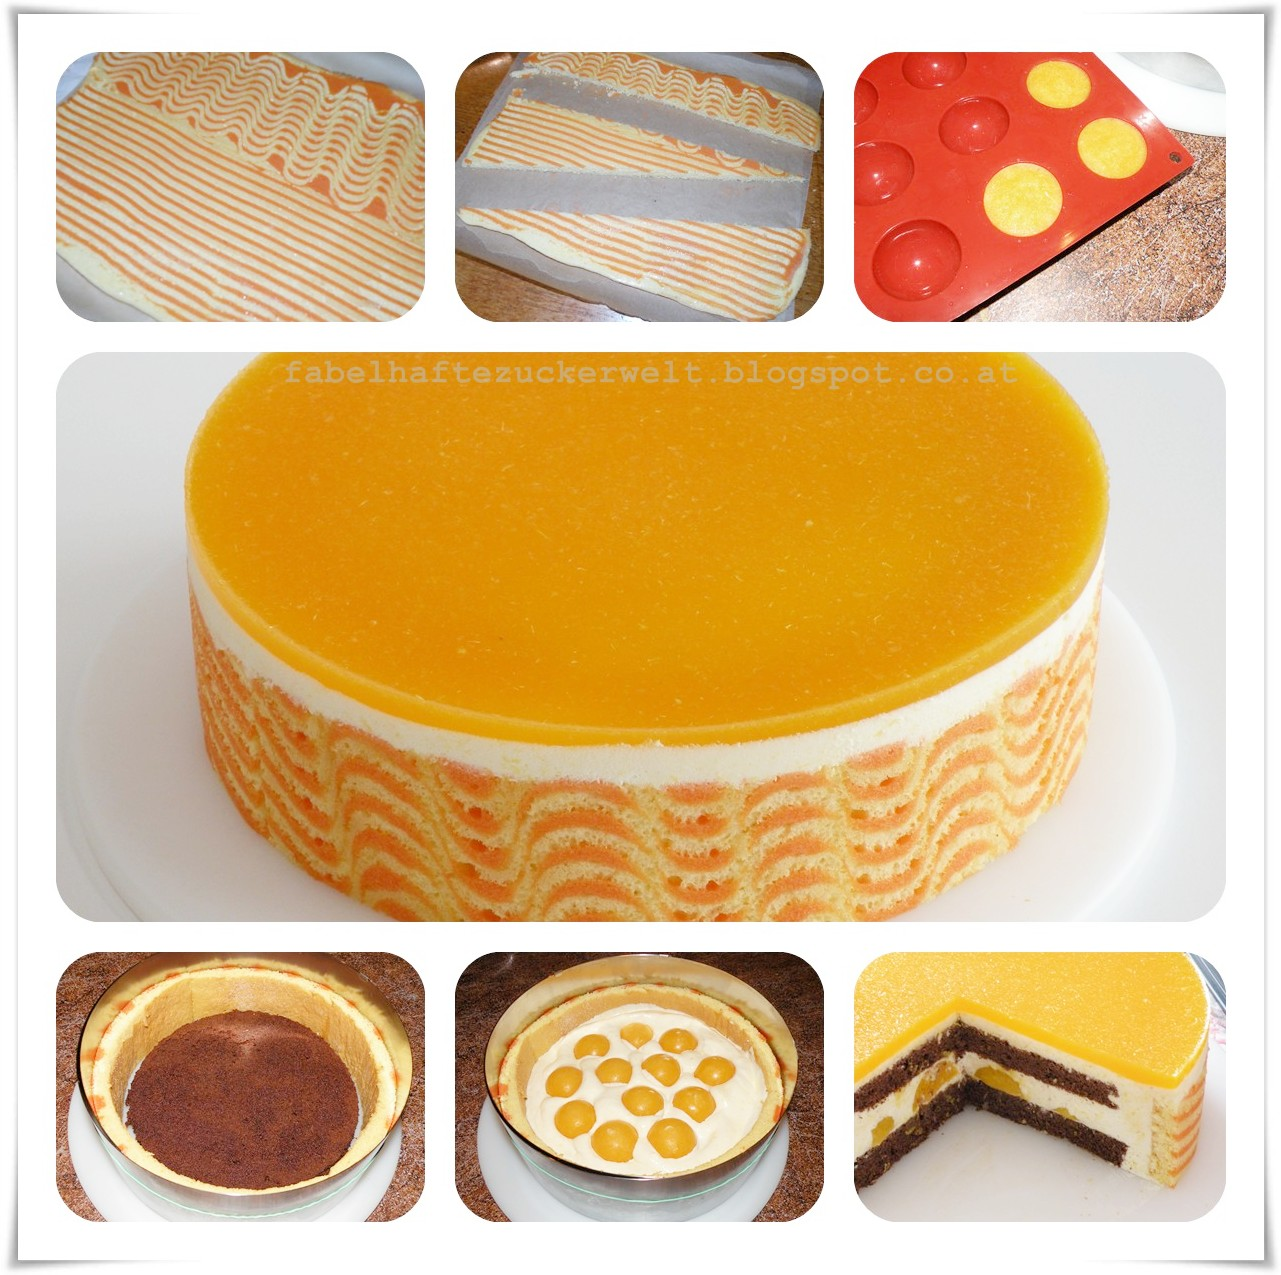 zuckerwelt orangen mandarinen torte. Black Bedroom Furniture Sets. Home Design Ideas